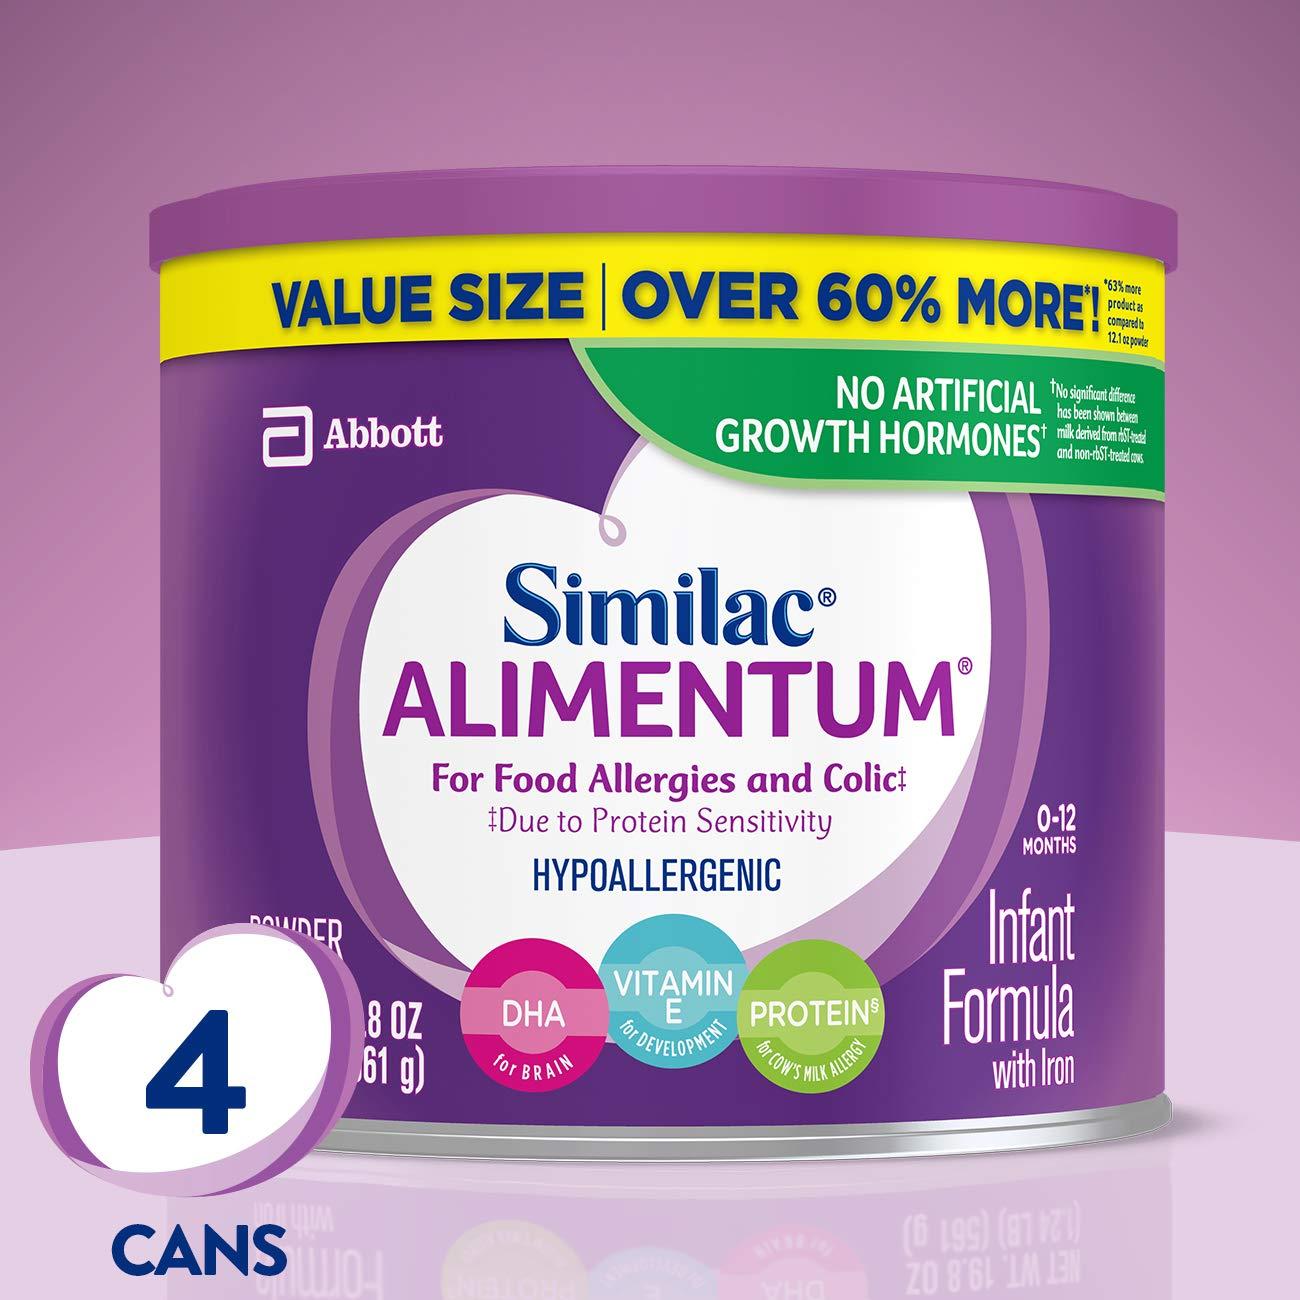 Similac Alimentum Hypoallergenic Formula Allergies